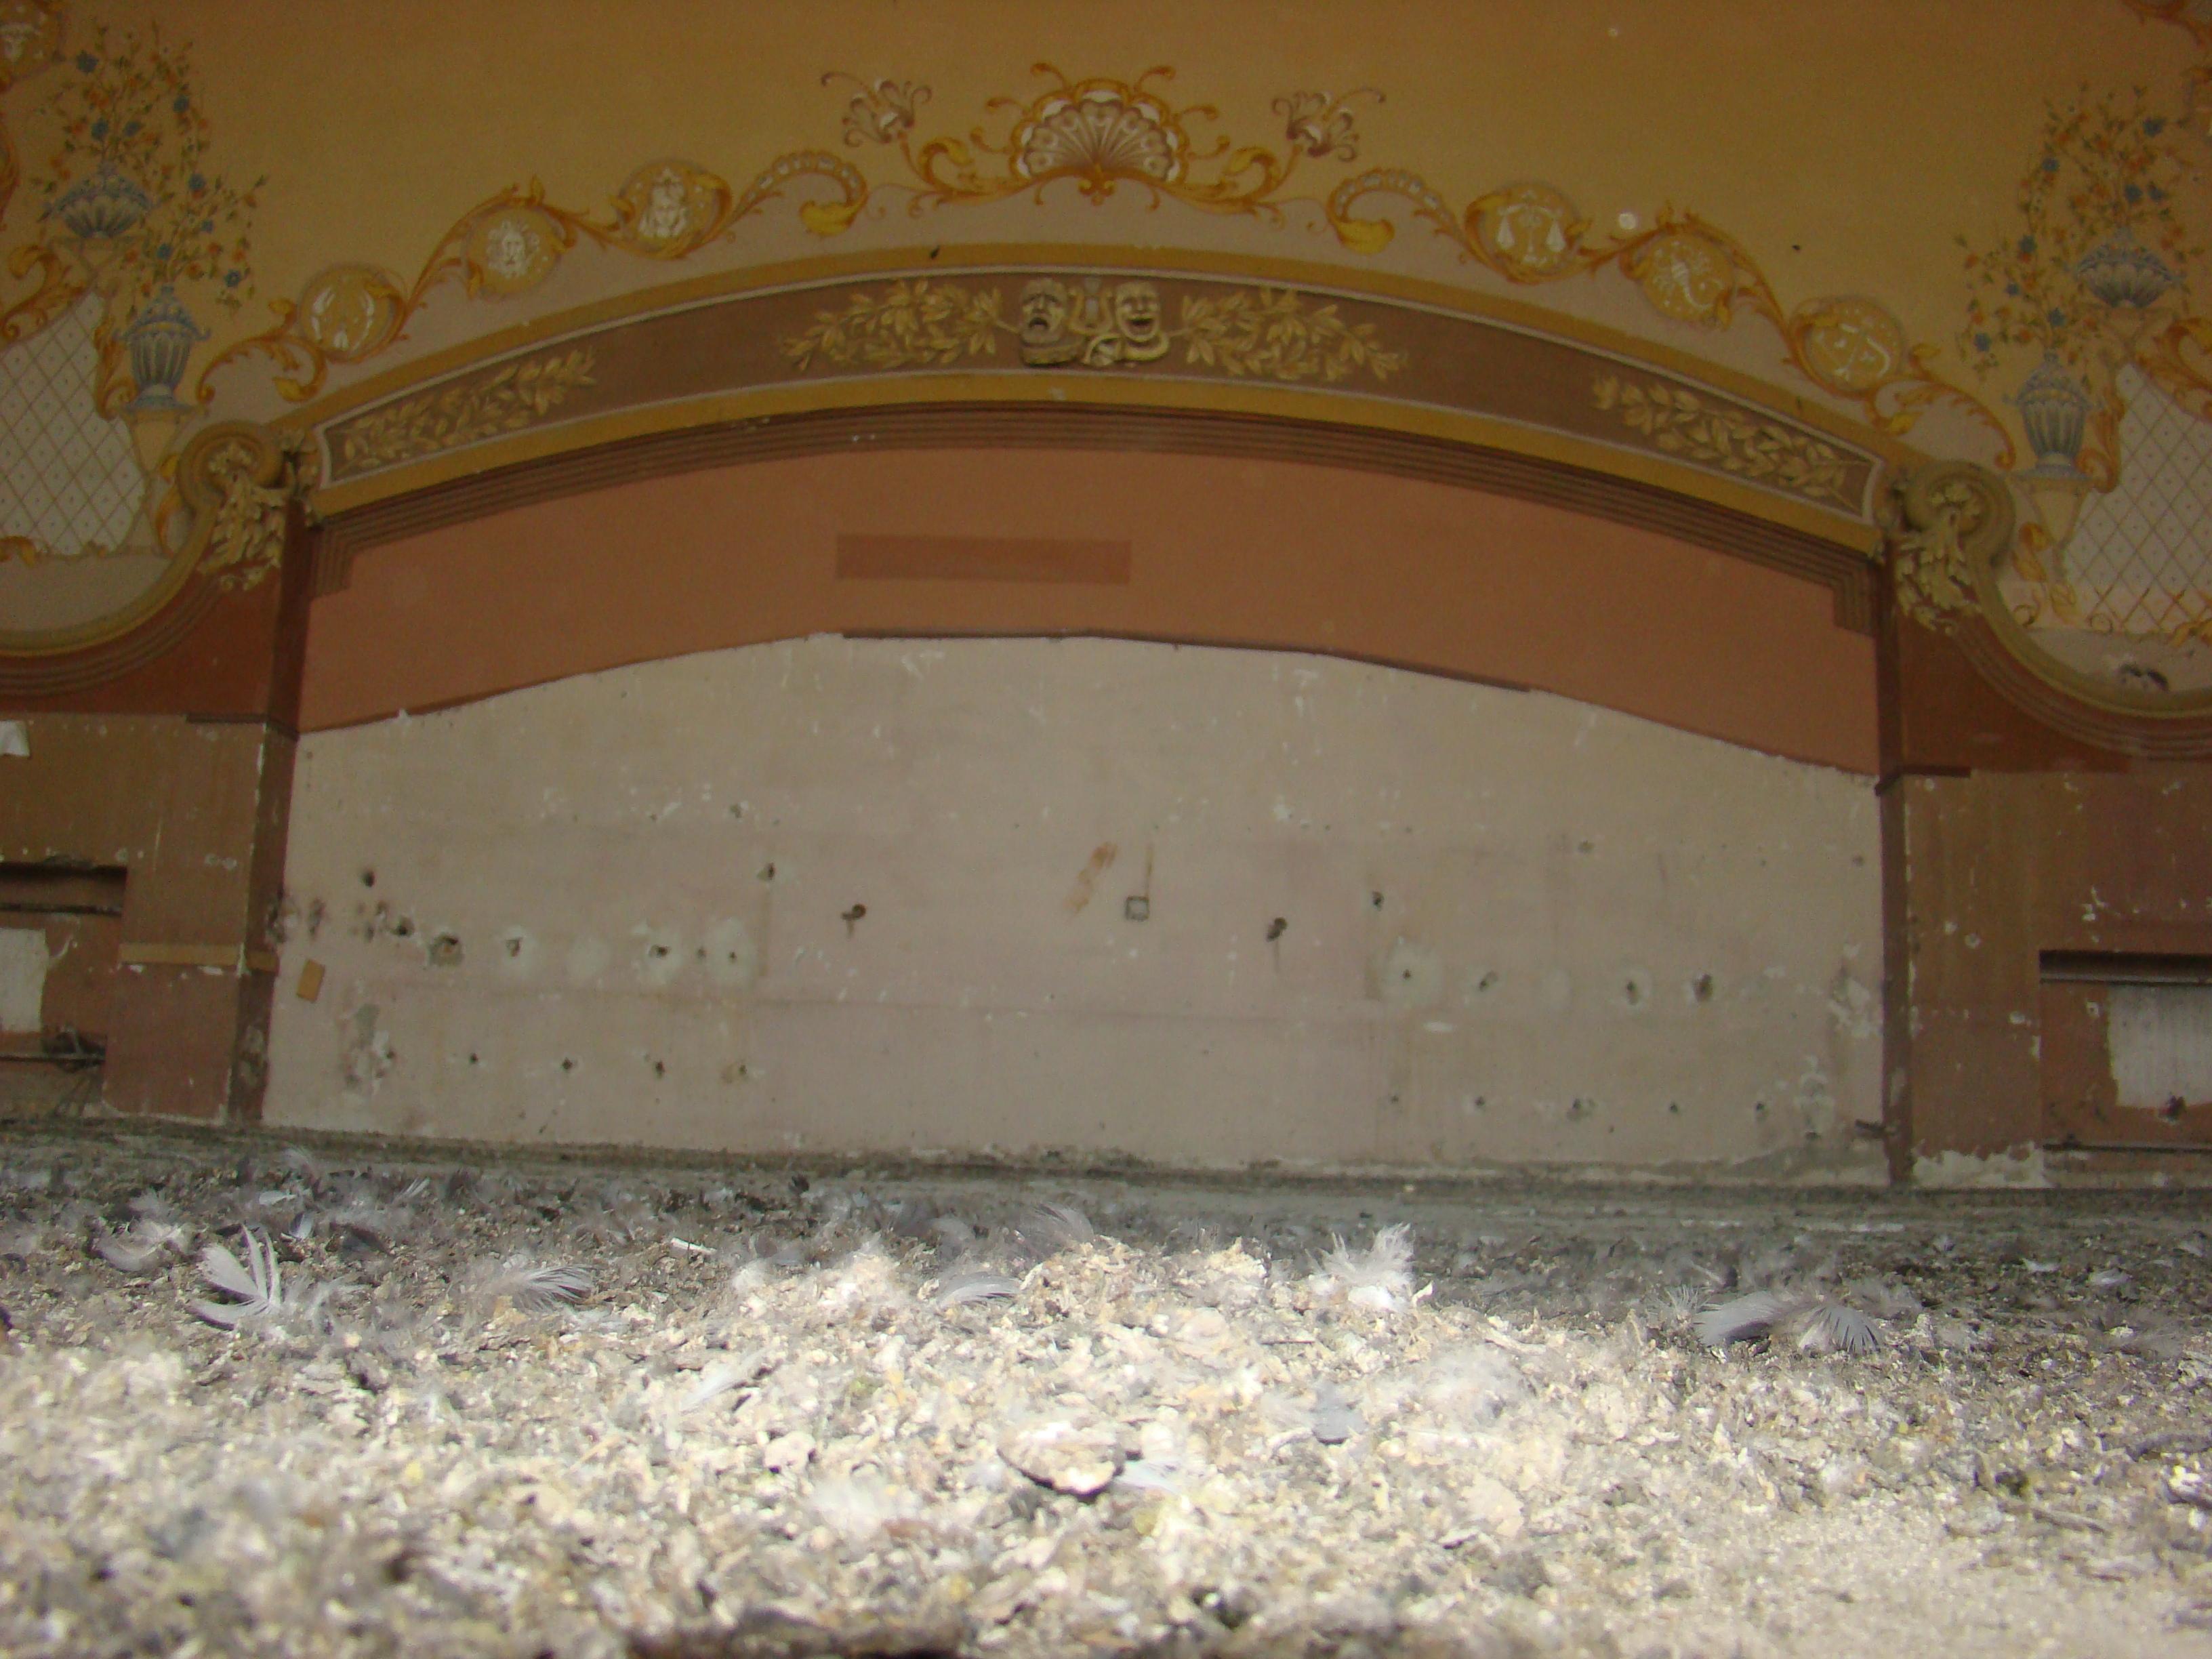 Contestațiile repetate amână salvarea Cazinoului din Constanța deși au fost alocate  10 milioane de euro pentru restaurare 3